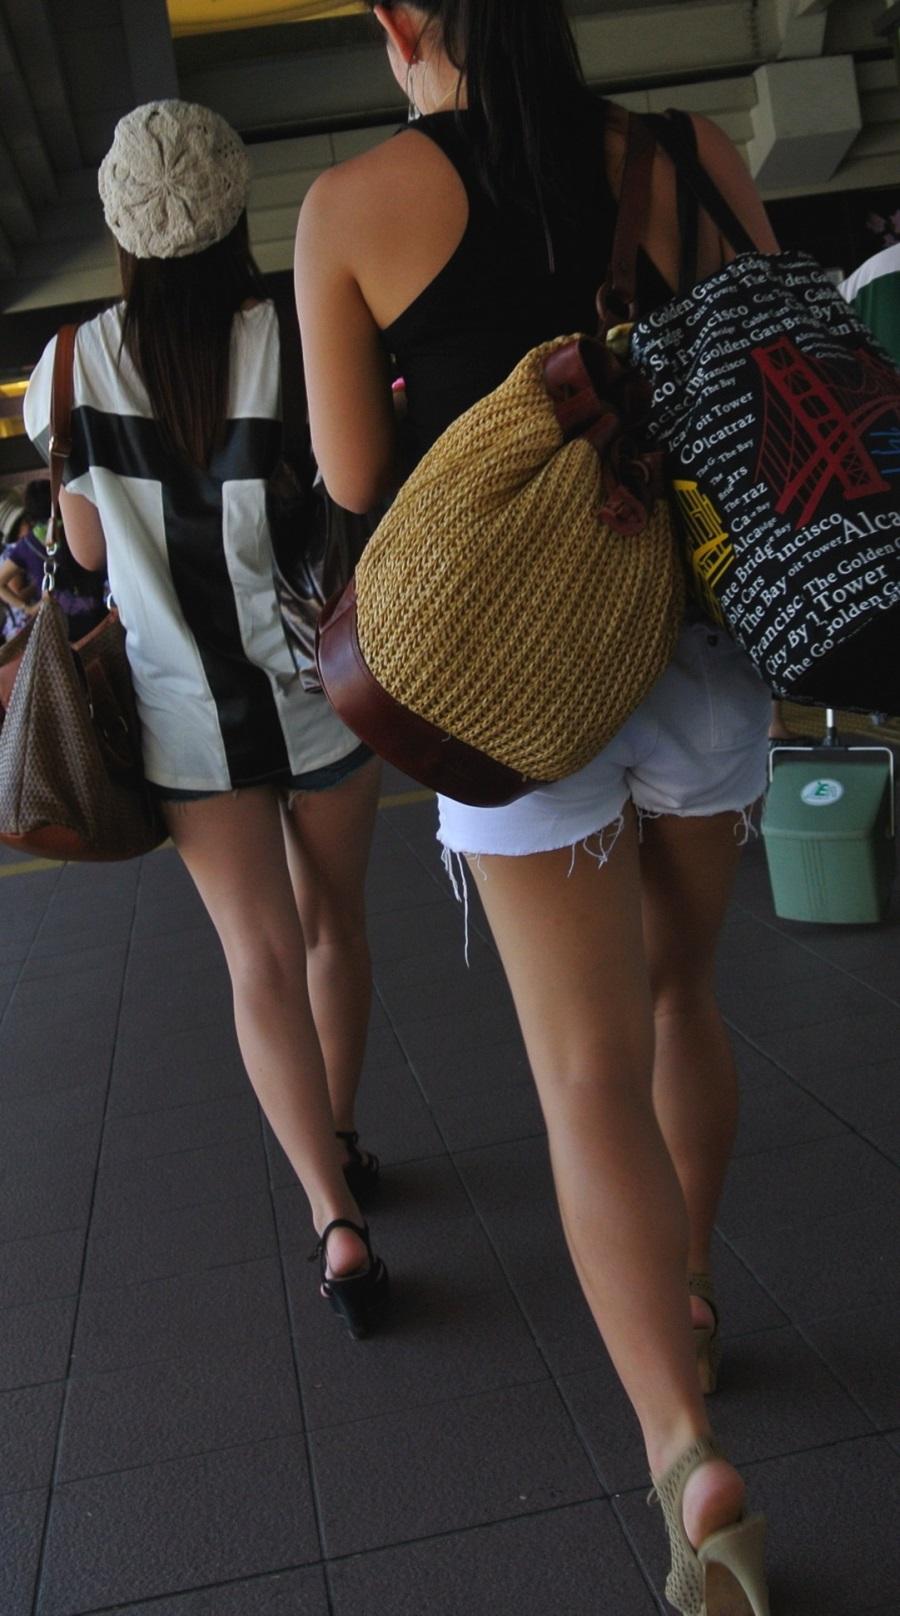 【街撮り画像】生の太股がたまりませんなwww短パン・ショーパン素人画像 09